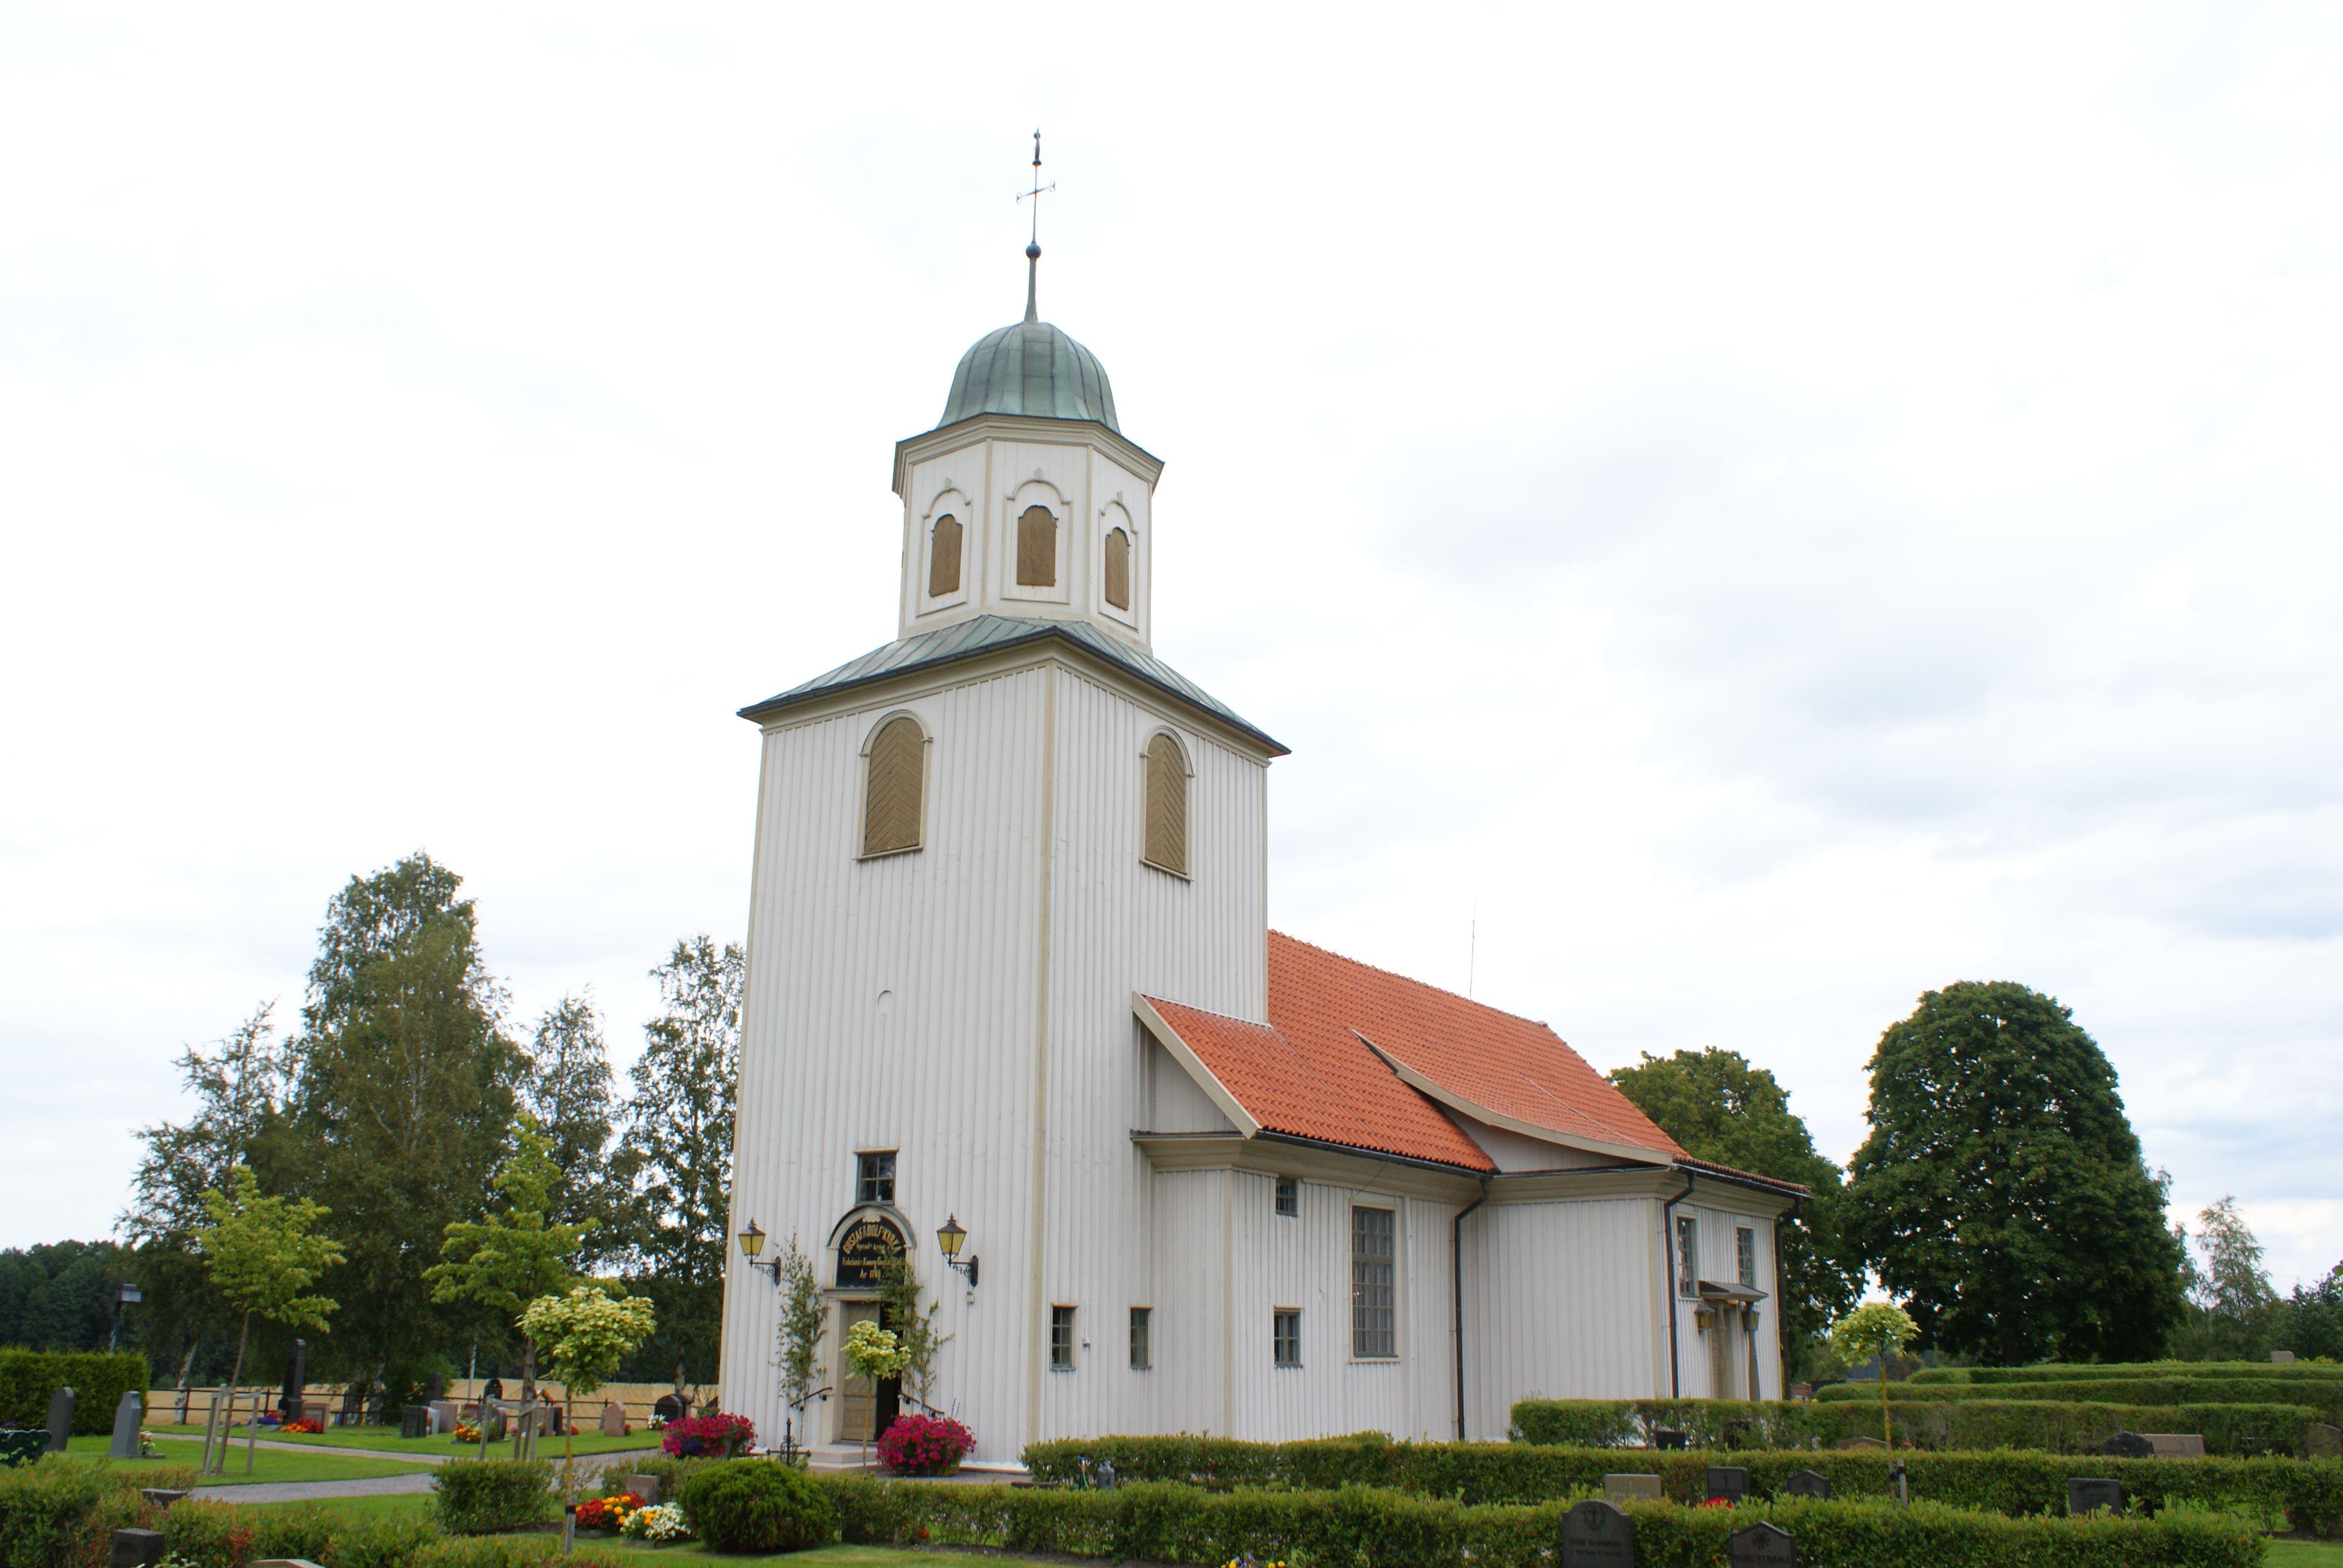 Gustav Adolfs kyrka